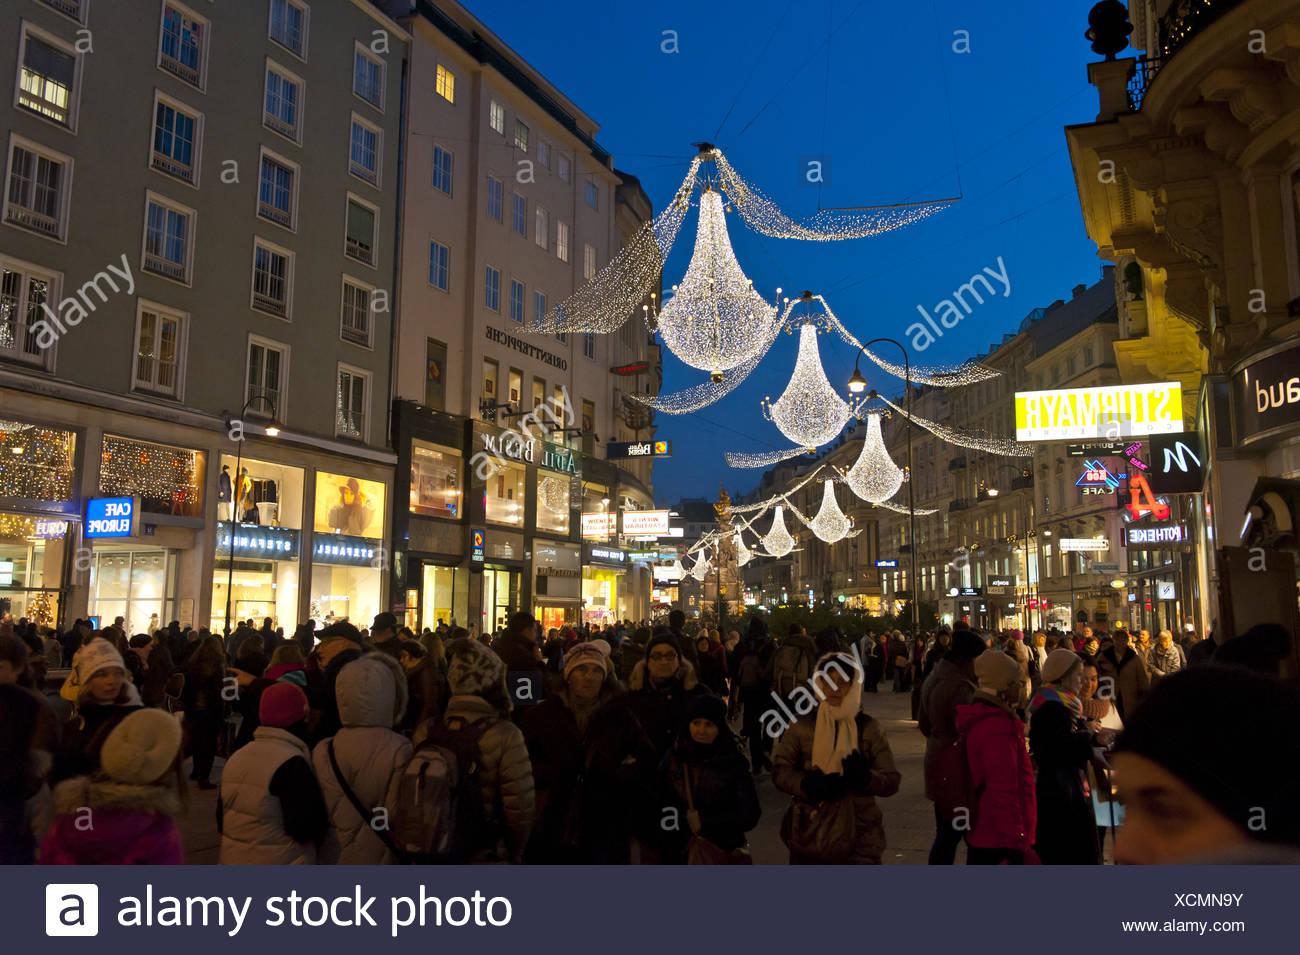 Weihnachtsbeleuchtung, Graben, 1010 Wien, Österreich Stockbild